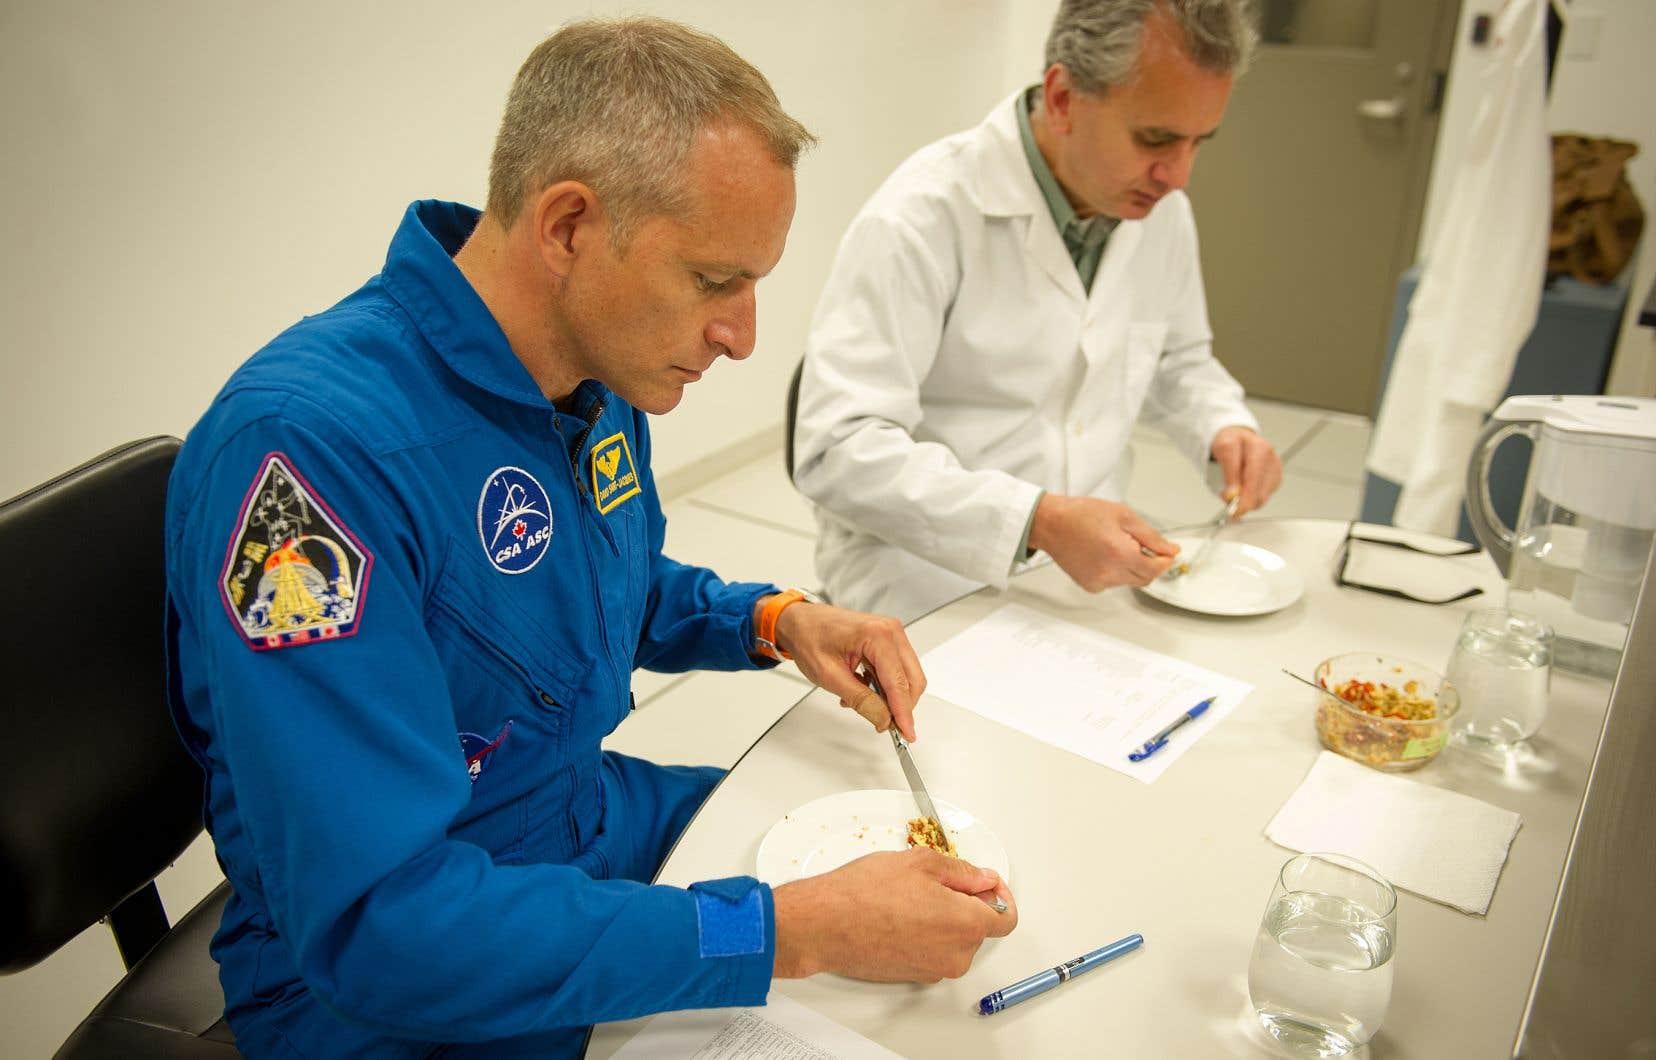 L'astronaute David Saint-Jacques goûte à de la nourriture dans la cuisine de l'Agence spatiale canadienne.